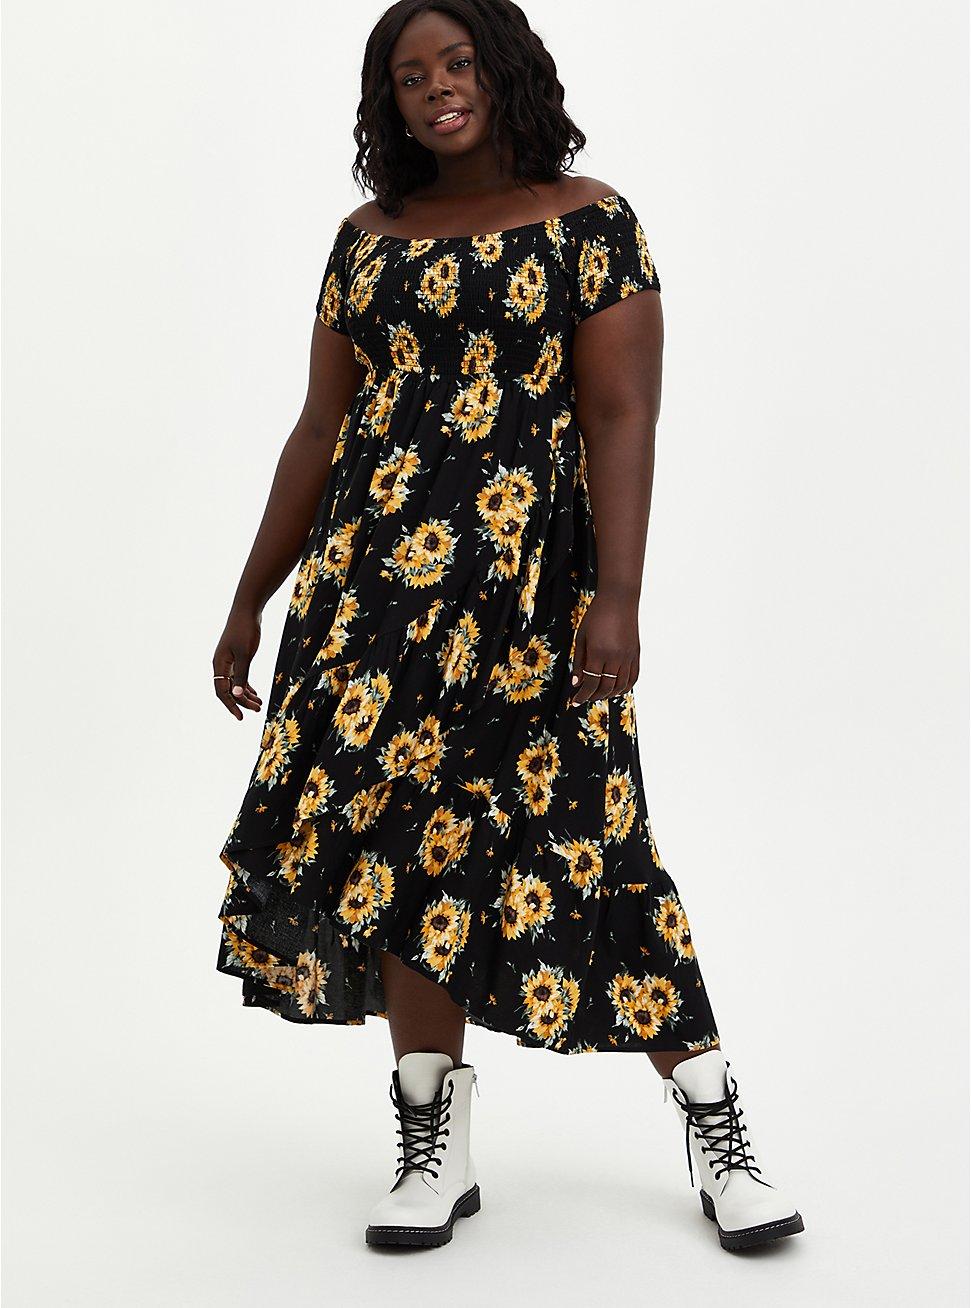 Plus Size Off-The-Shoulder Surplice Maxi Dress - Challis Black Sunflower, FLORAL - YELLOW, hi-res